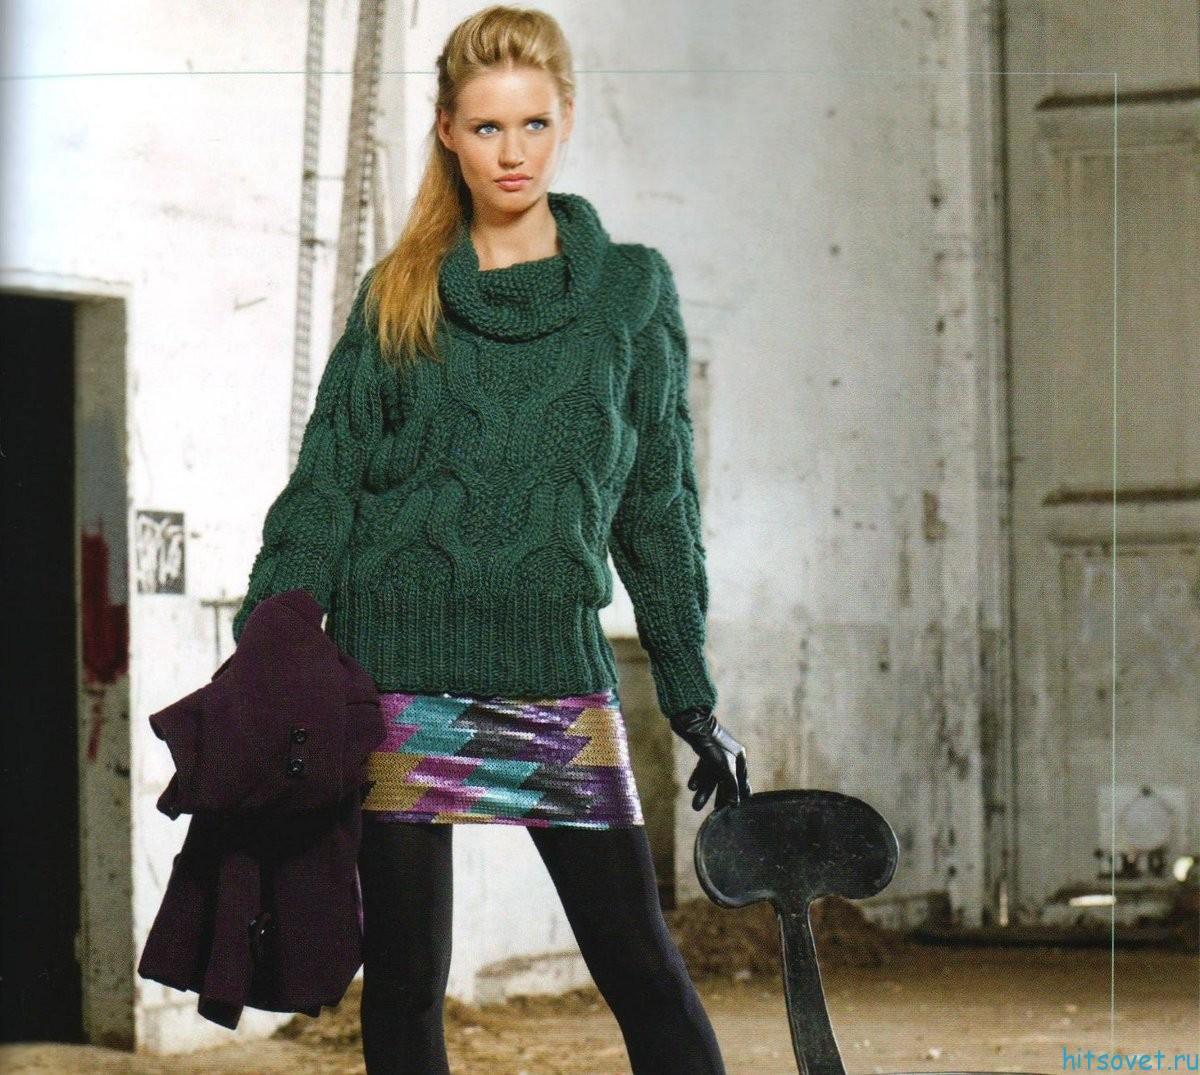 Зеленый пуловер спицами с узором из кос